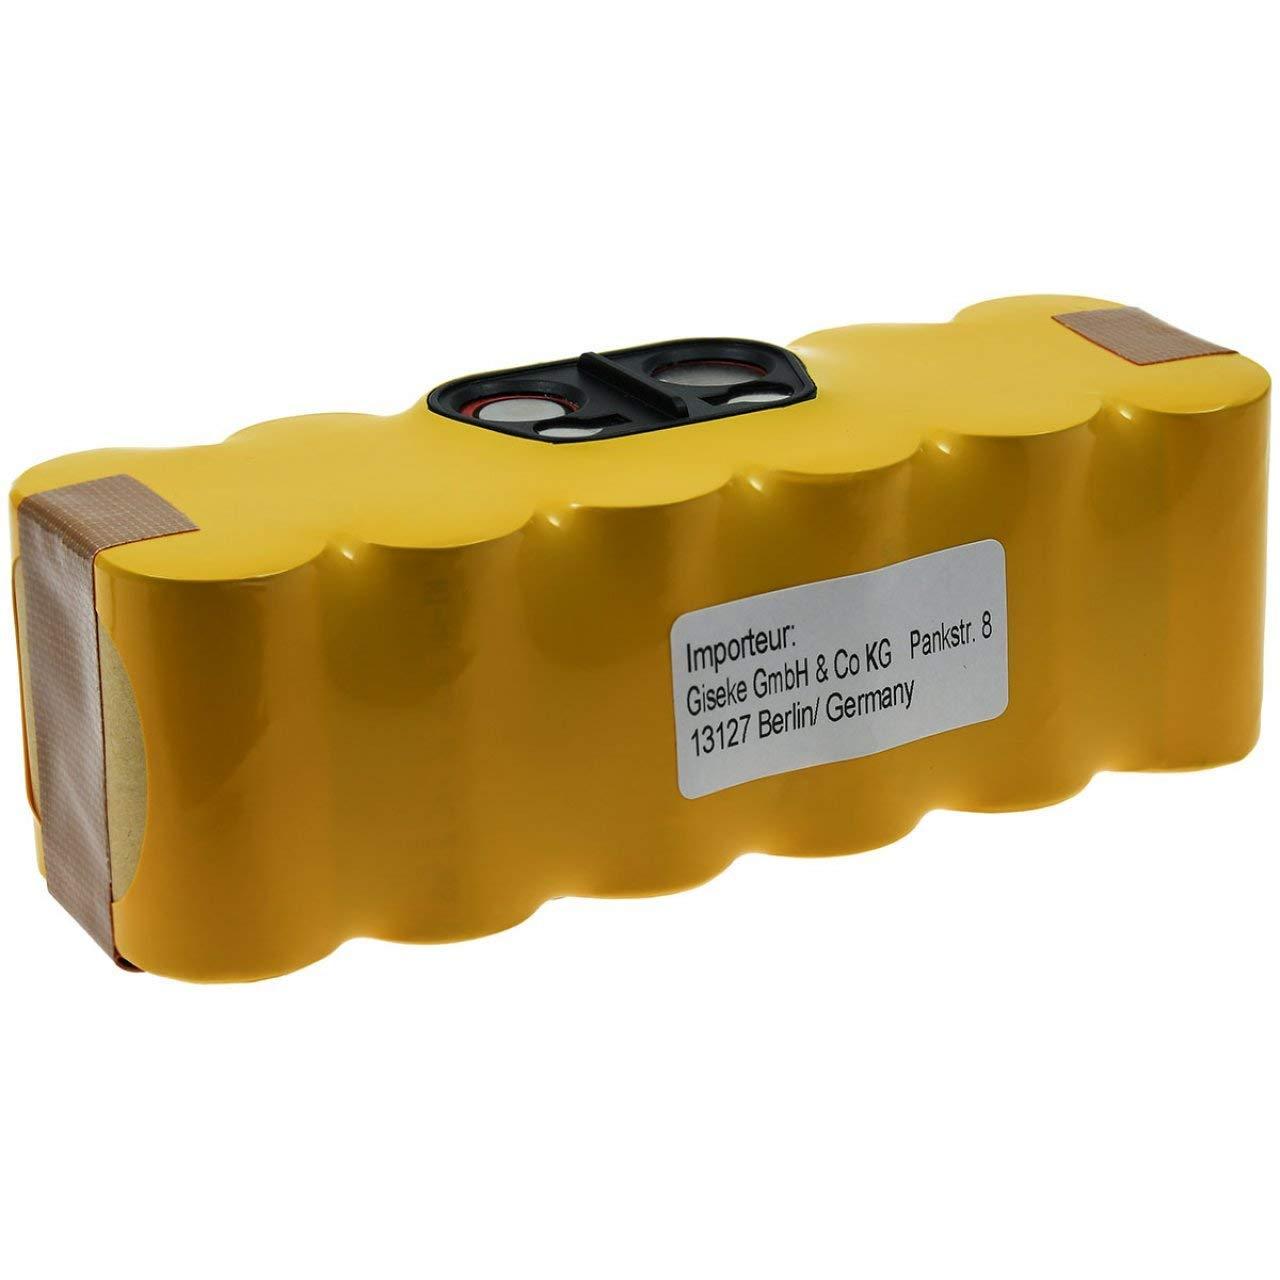 Acquisto Batteria per Aspirapolvere iRobot Roomba 500 Serie (520 – 530 – 550 – 555 – 560 – 562 – 564 – 580 – 581 – 770 – 780) || 3300mAh/47Wh || 14,4V || NiMH Prezzo offerta